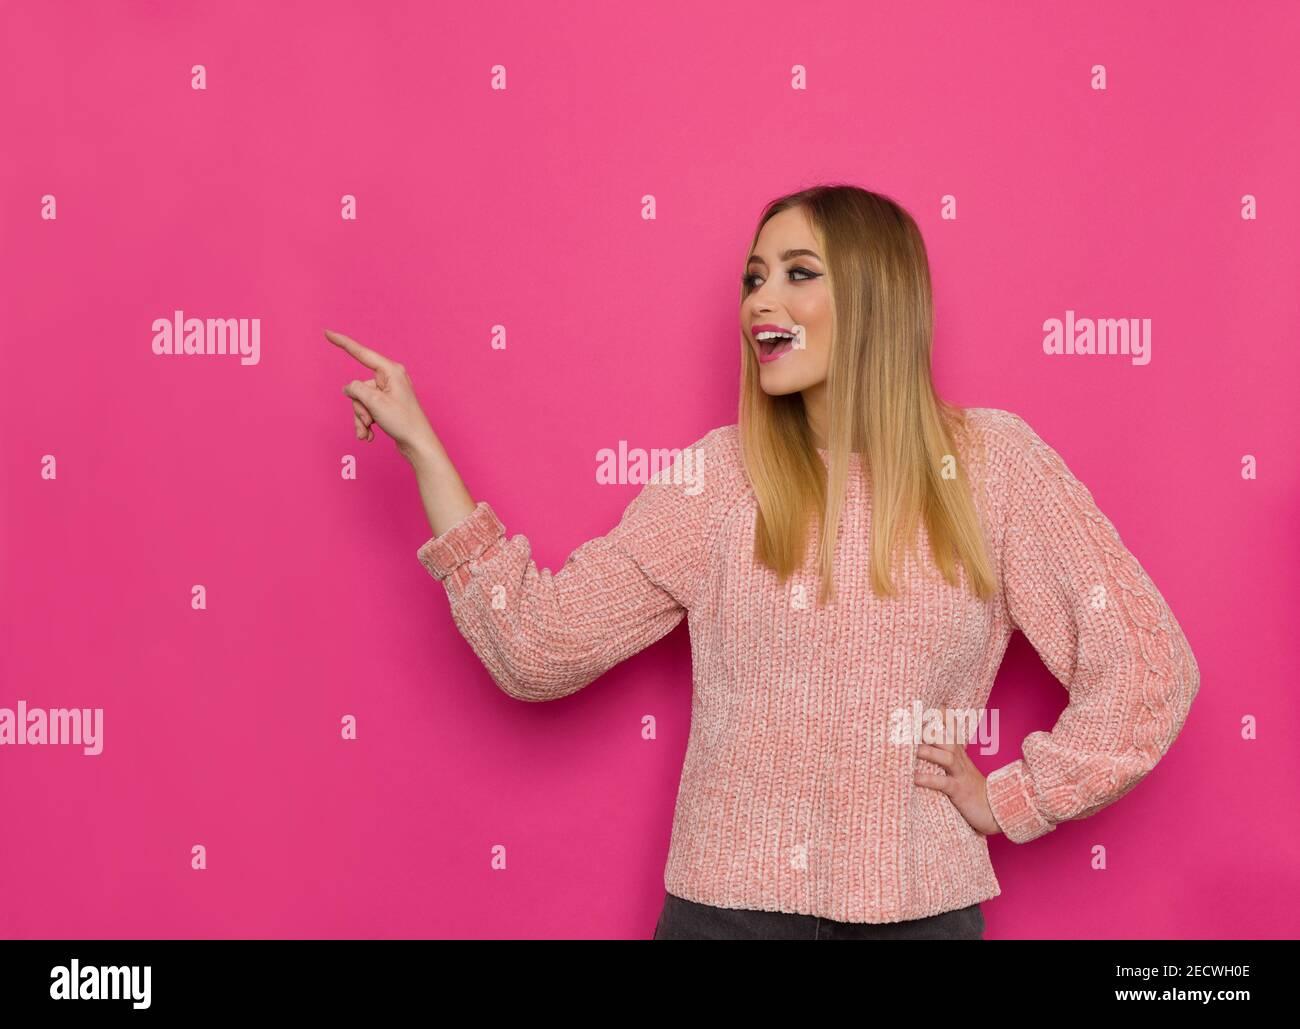 Une jeune femme excitée en chandail rose regarde loin et essaie de toucher quelque chose avec l'index et de parler. Taille haute studio tourné sur fond rose Banque D'Images